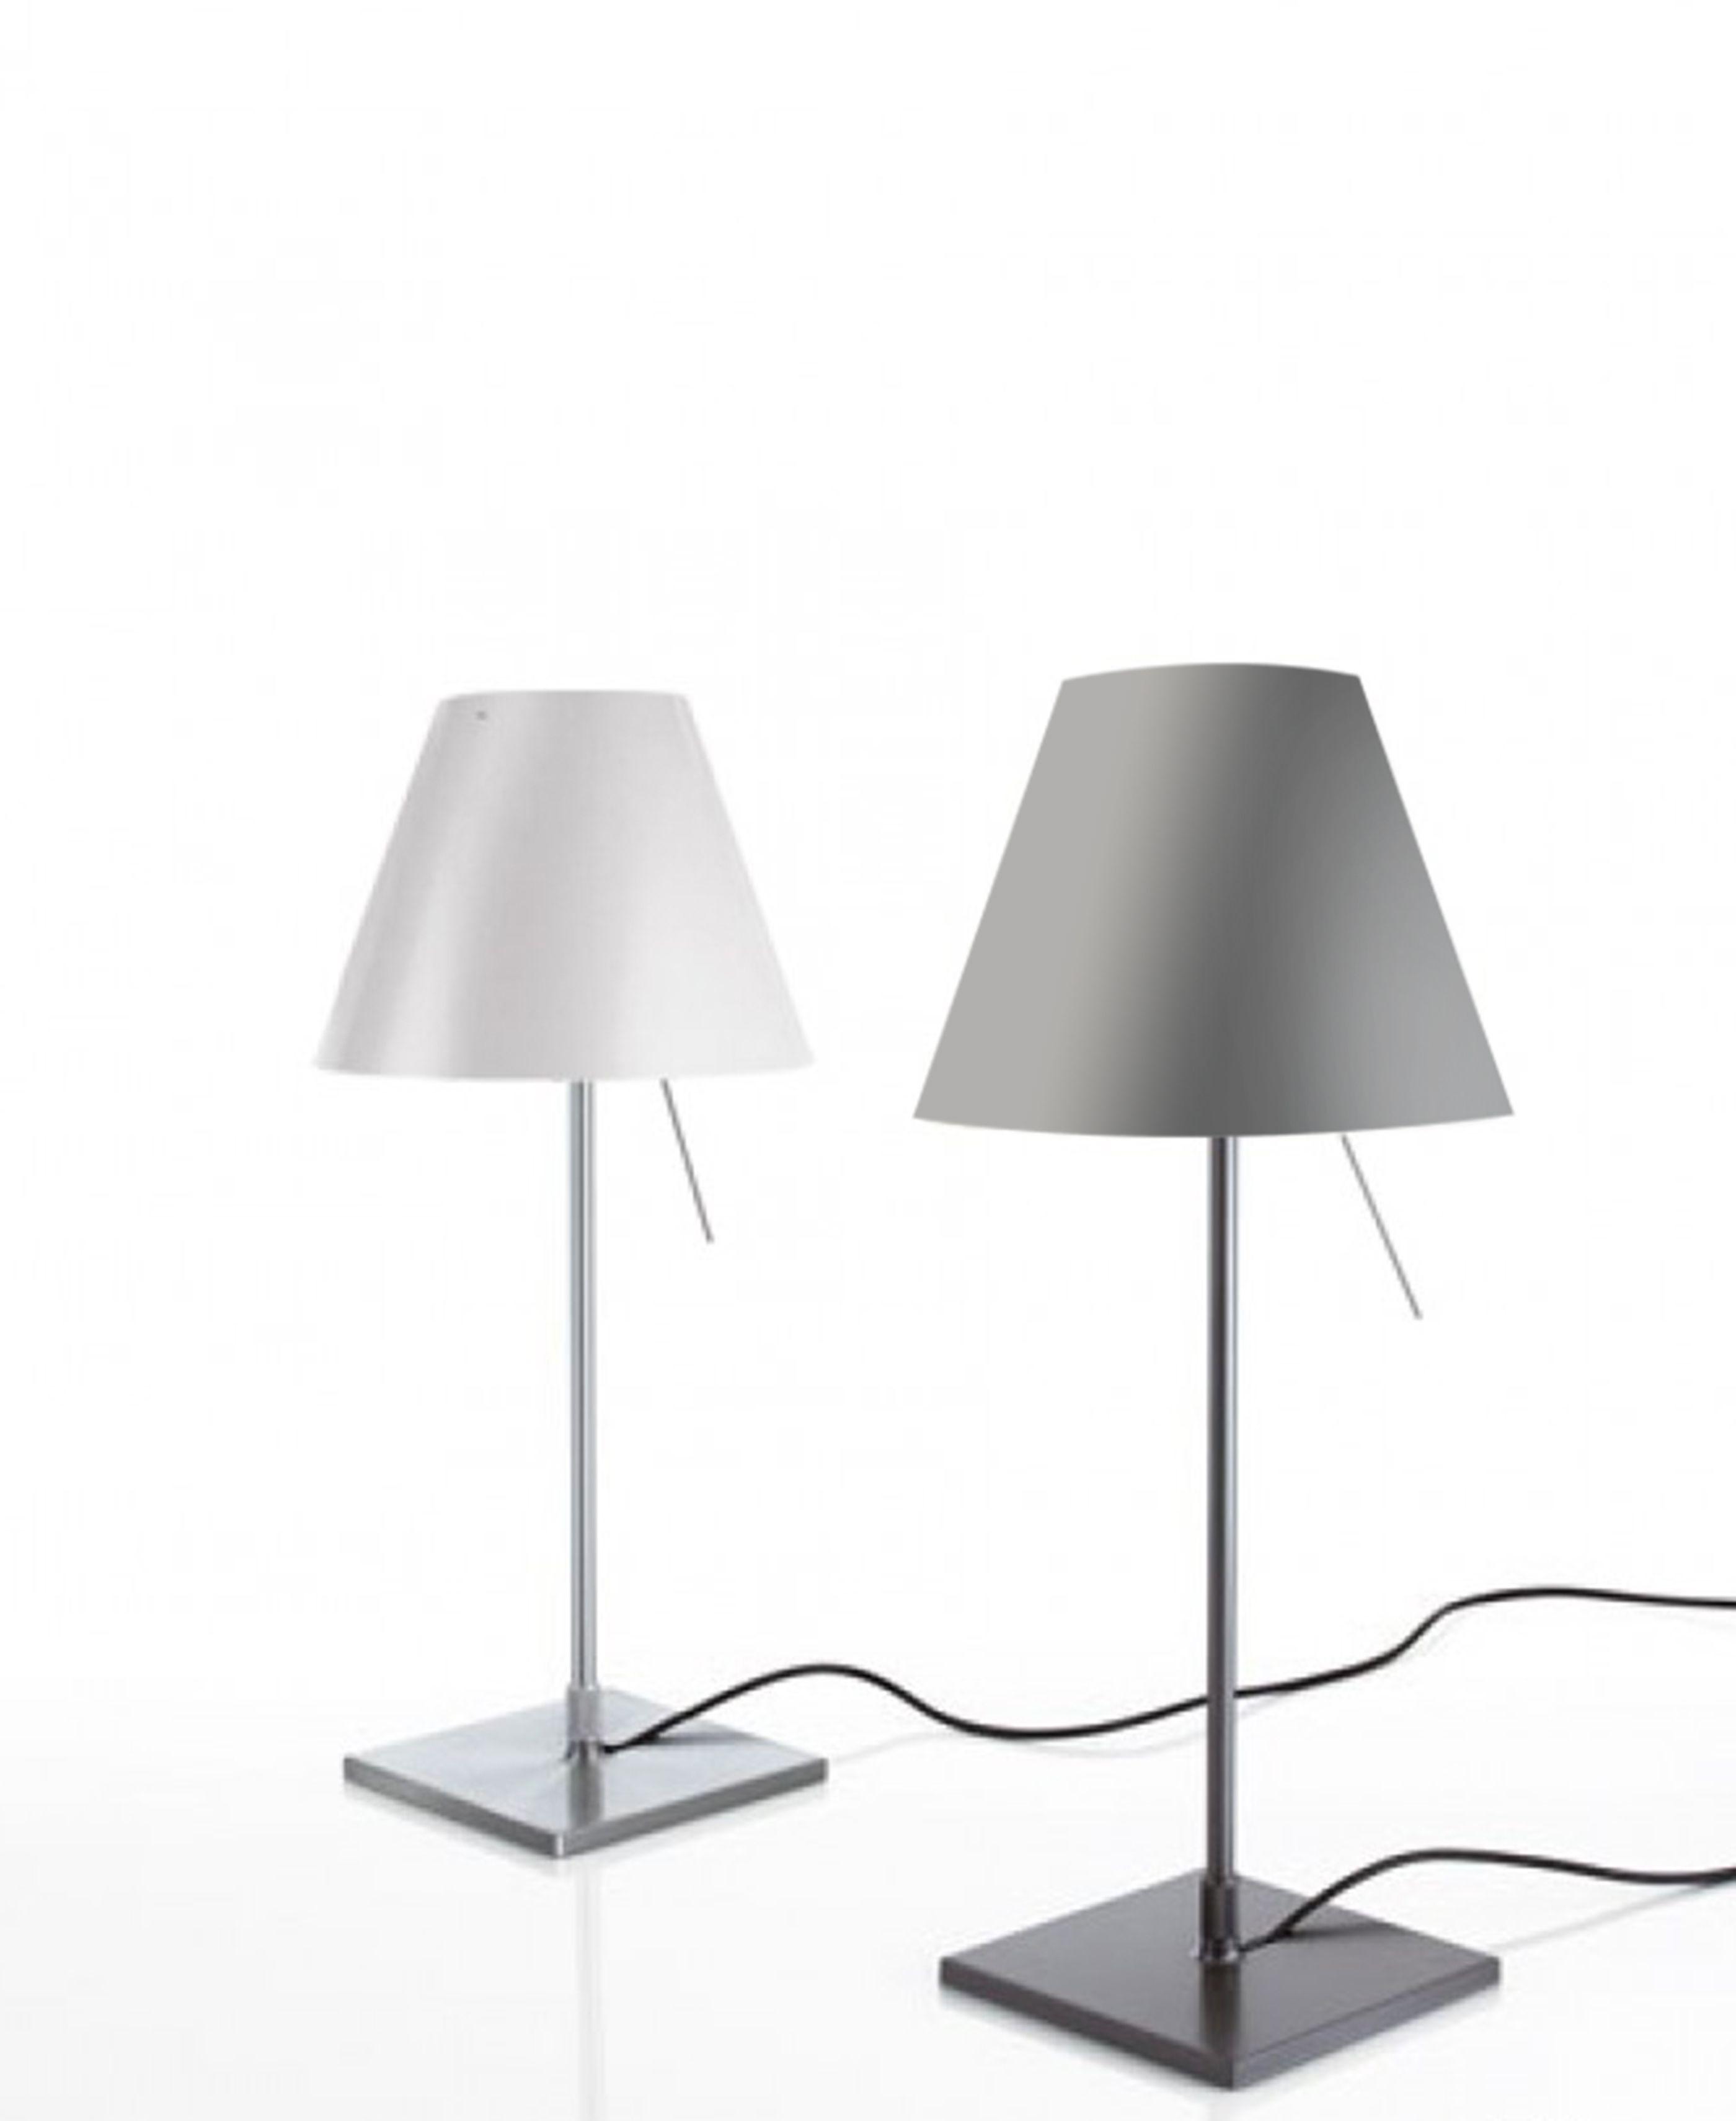 Costanzina Table Alu Mit Schalter Luceplan Prediger Lampe Schreibtischlampe Schirm